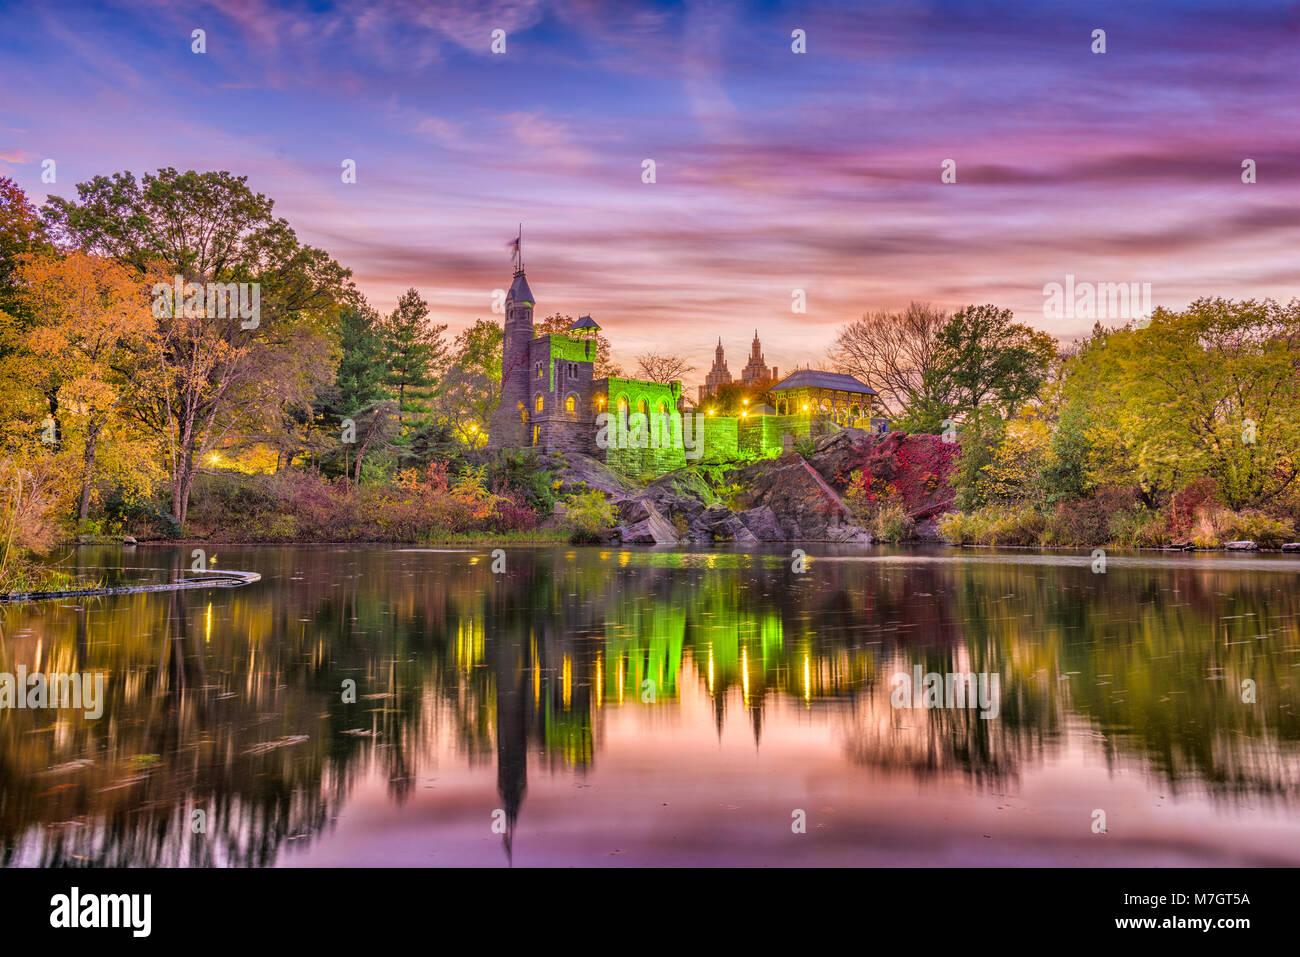 New York, New York am Schloss des Central Park und Teich während einer Herbst Dämmerung. Stockbild